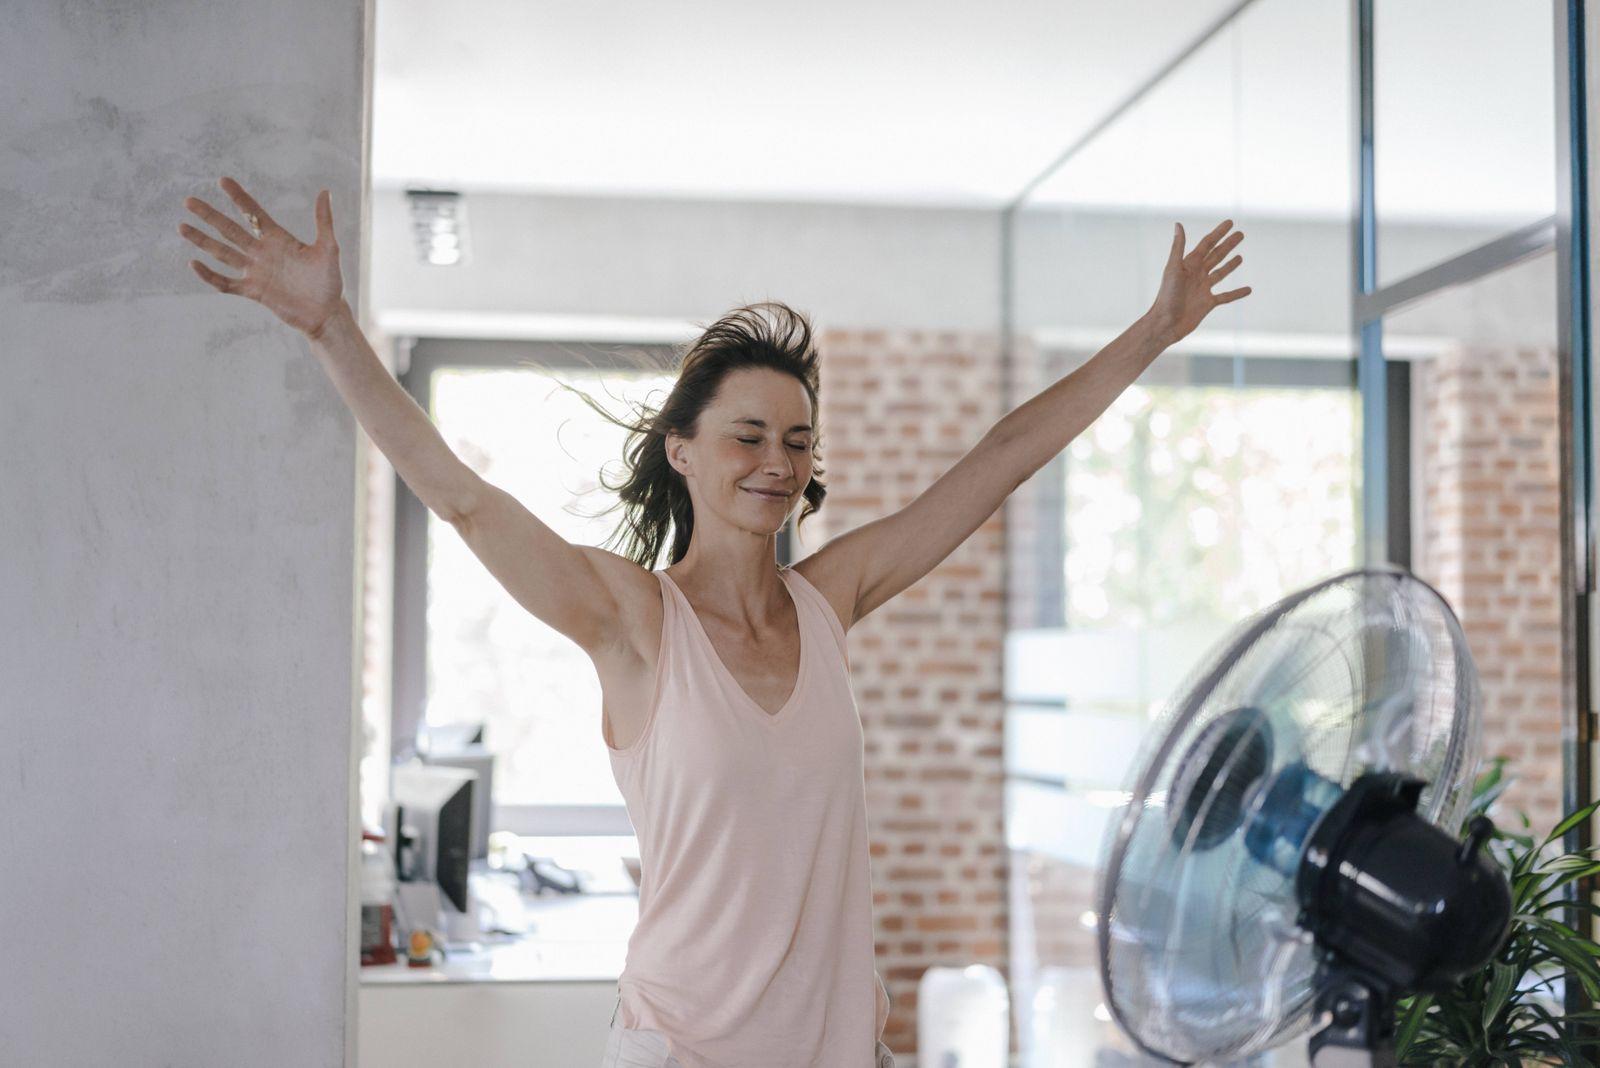 Businesswoman in office enjoying breeze from a fan model released Symbolfoto property released PUBL